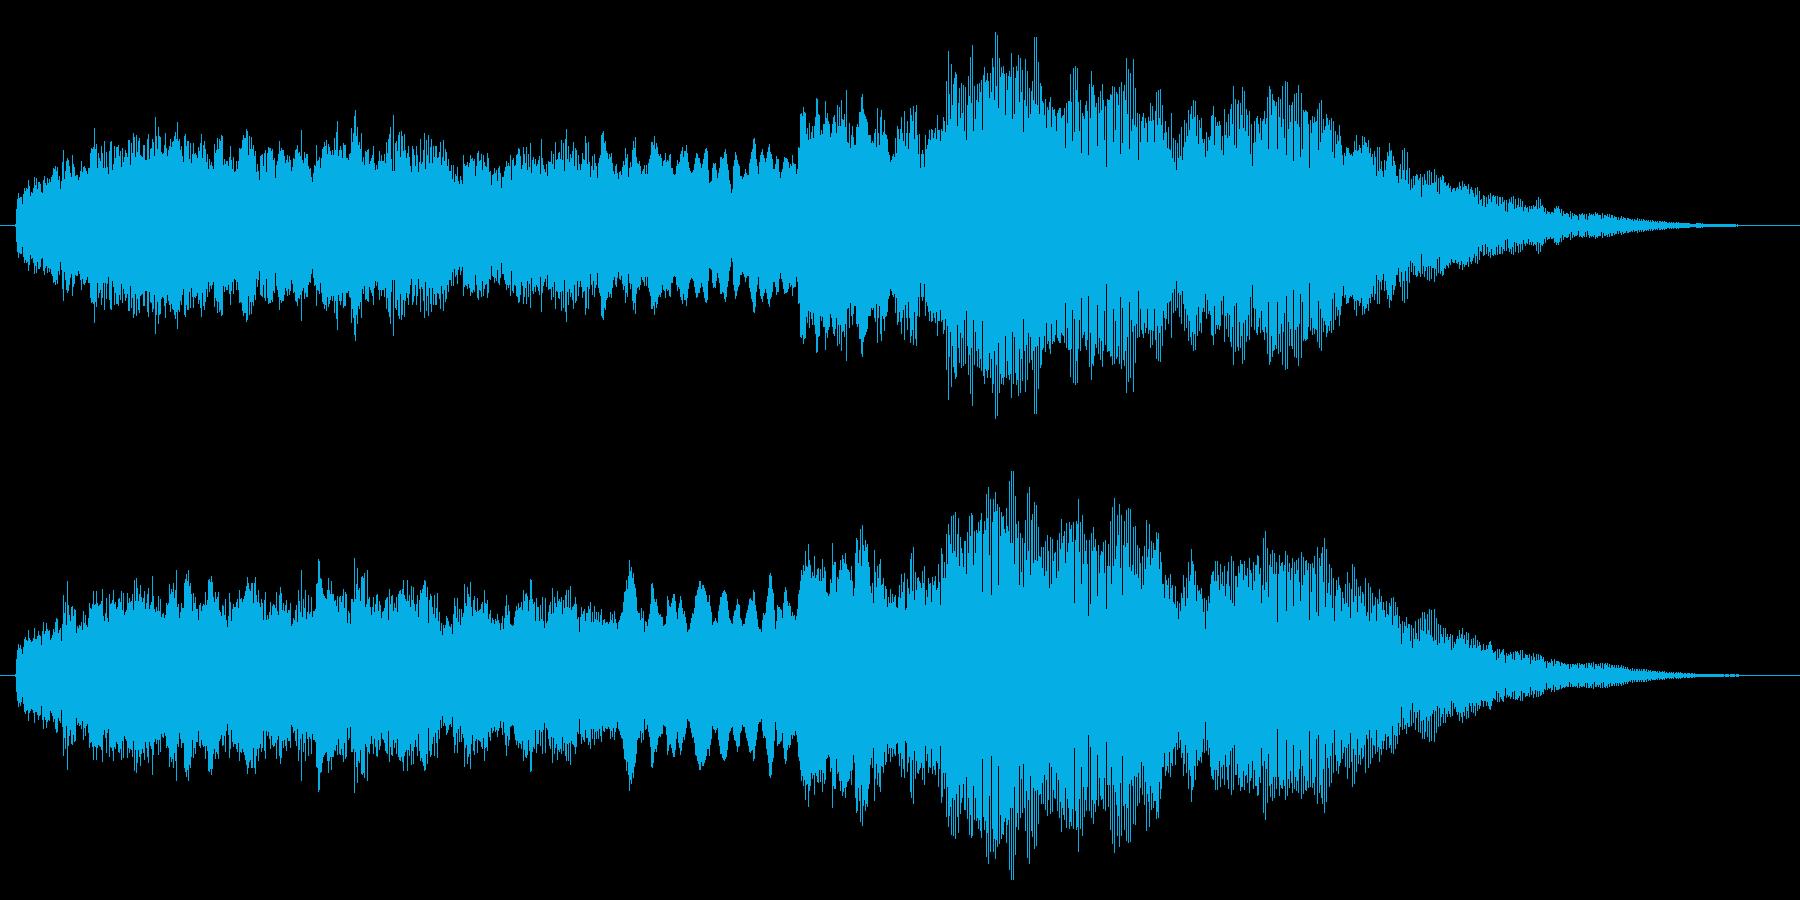 ジングル(シンセ+せせらぎ)の再生済みの波形